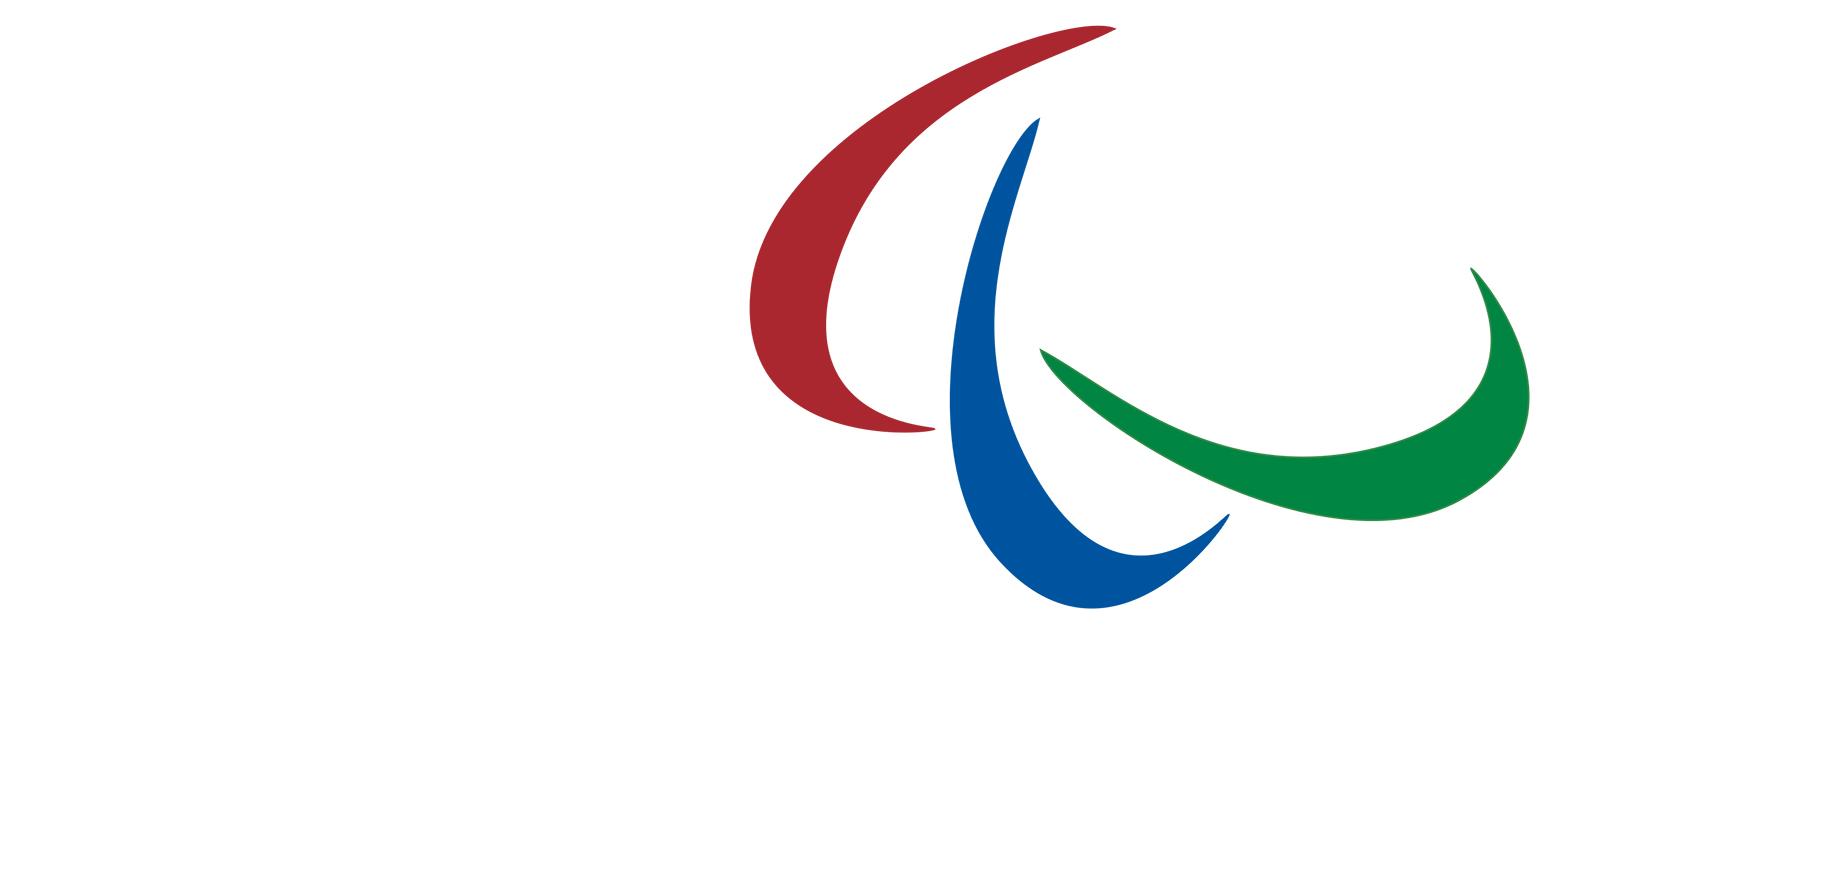 Símbolo dos Jogos Paralímpicos com três agitos (forma geométrica de uma semi elipse) nas cores vermelha, azul e verde apontando lado a lado em posições diferentes